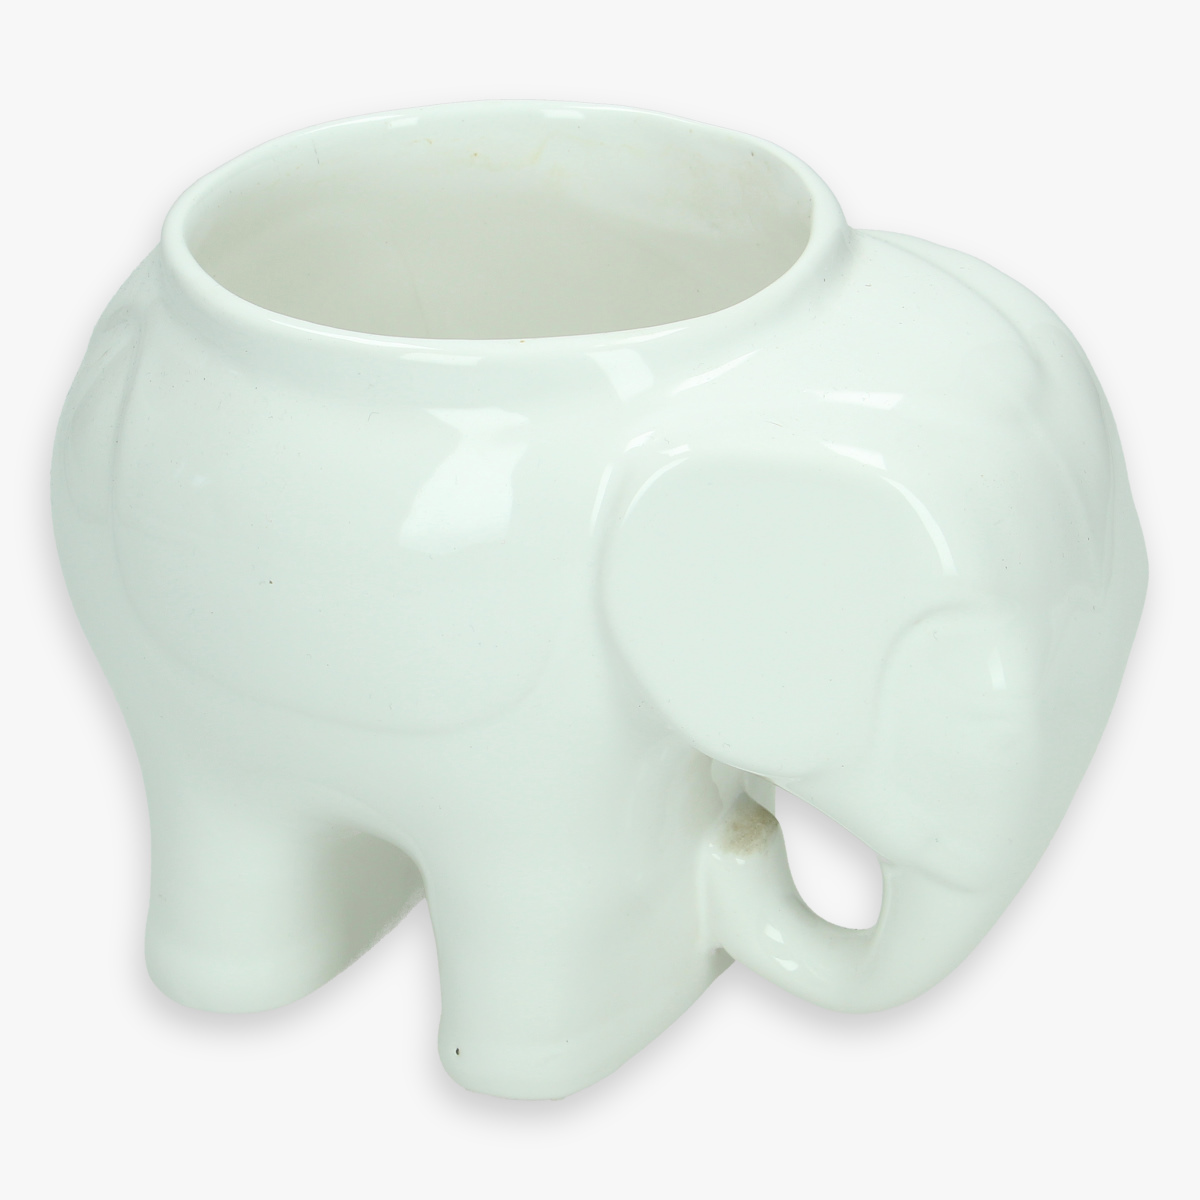 Afbeeldingen van porseleinen bloempot -  olifant